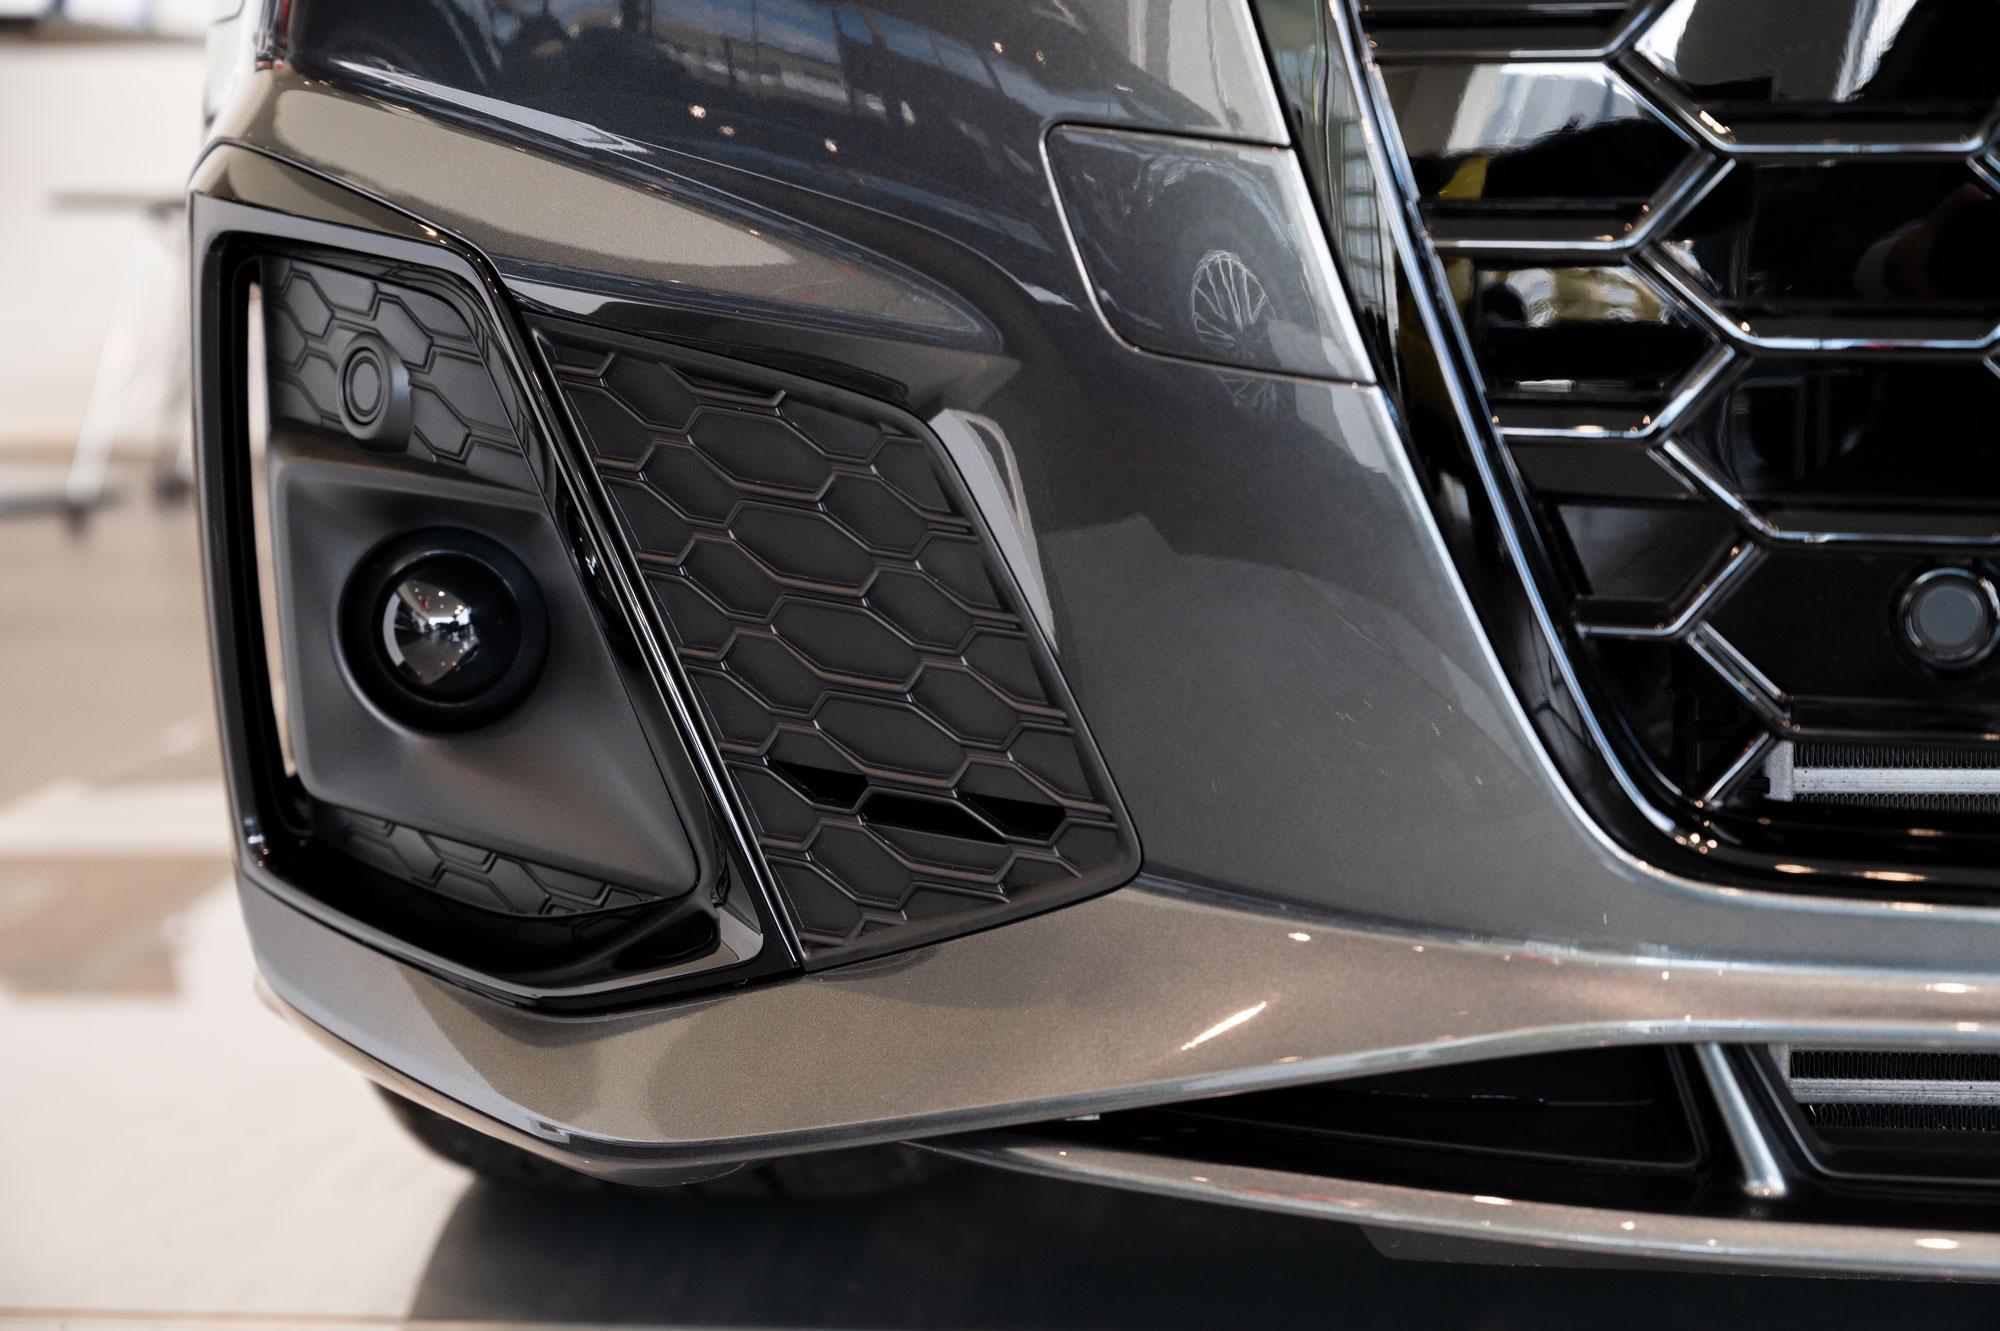 Audi A5 Sportback フェンダーのスリット